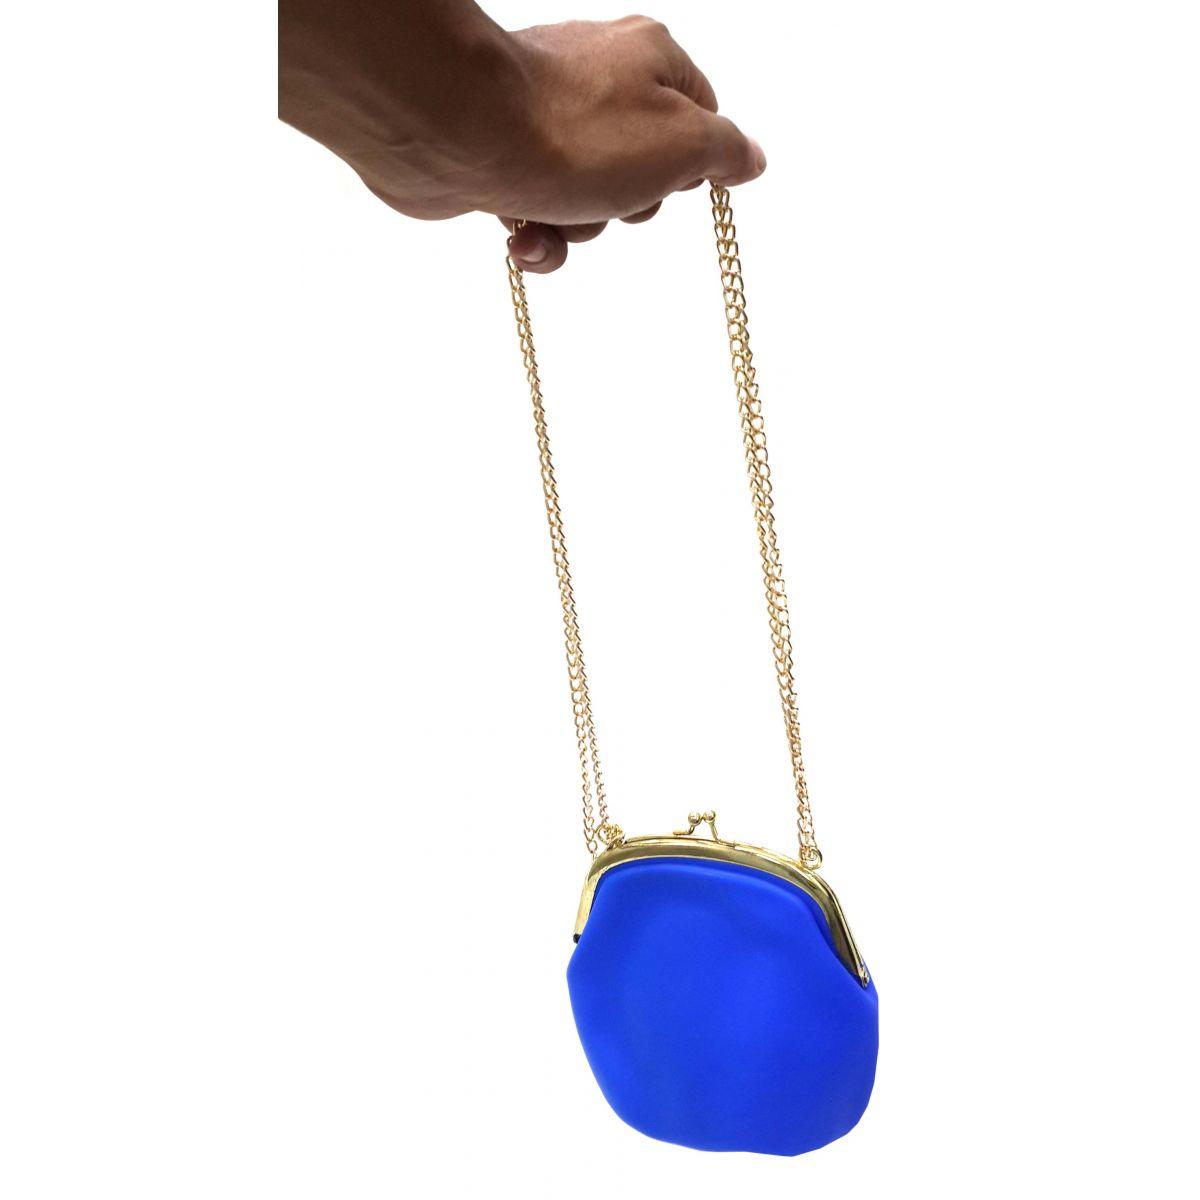 Bolsa De Silicone Tiracolo Retro Azul Com Correntes Douradas (BL-2662-6)